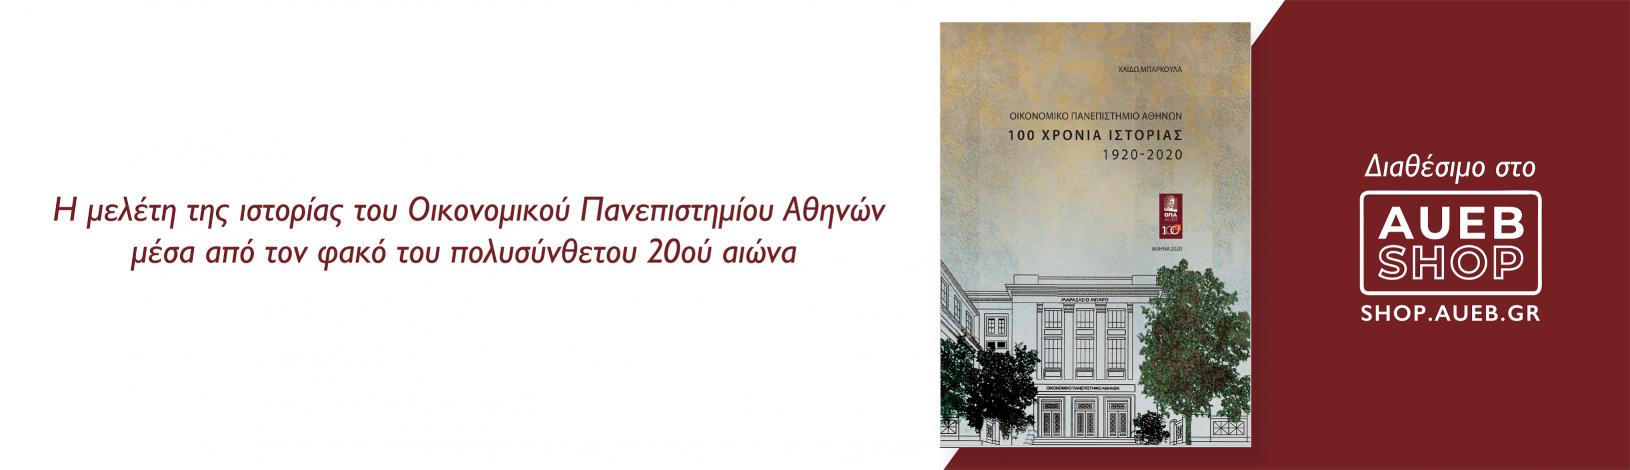 Οικονομικό Πανεπιστήμιο Αθηνών 100 Χρόνια Ιστορίας 1920-2020